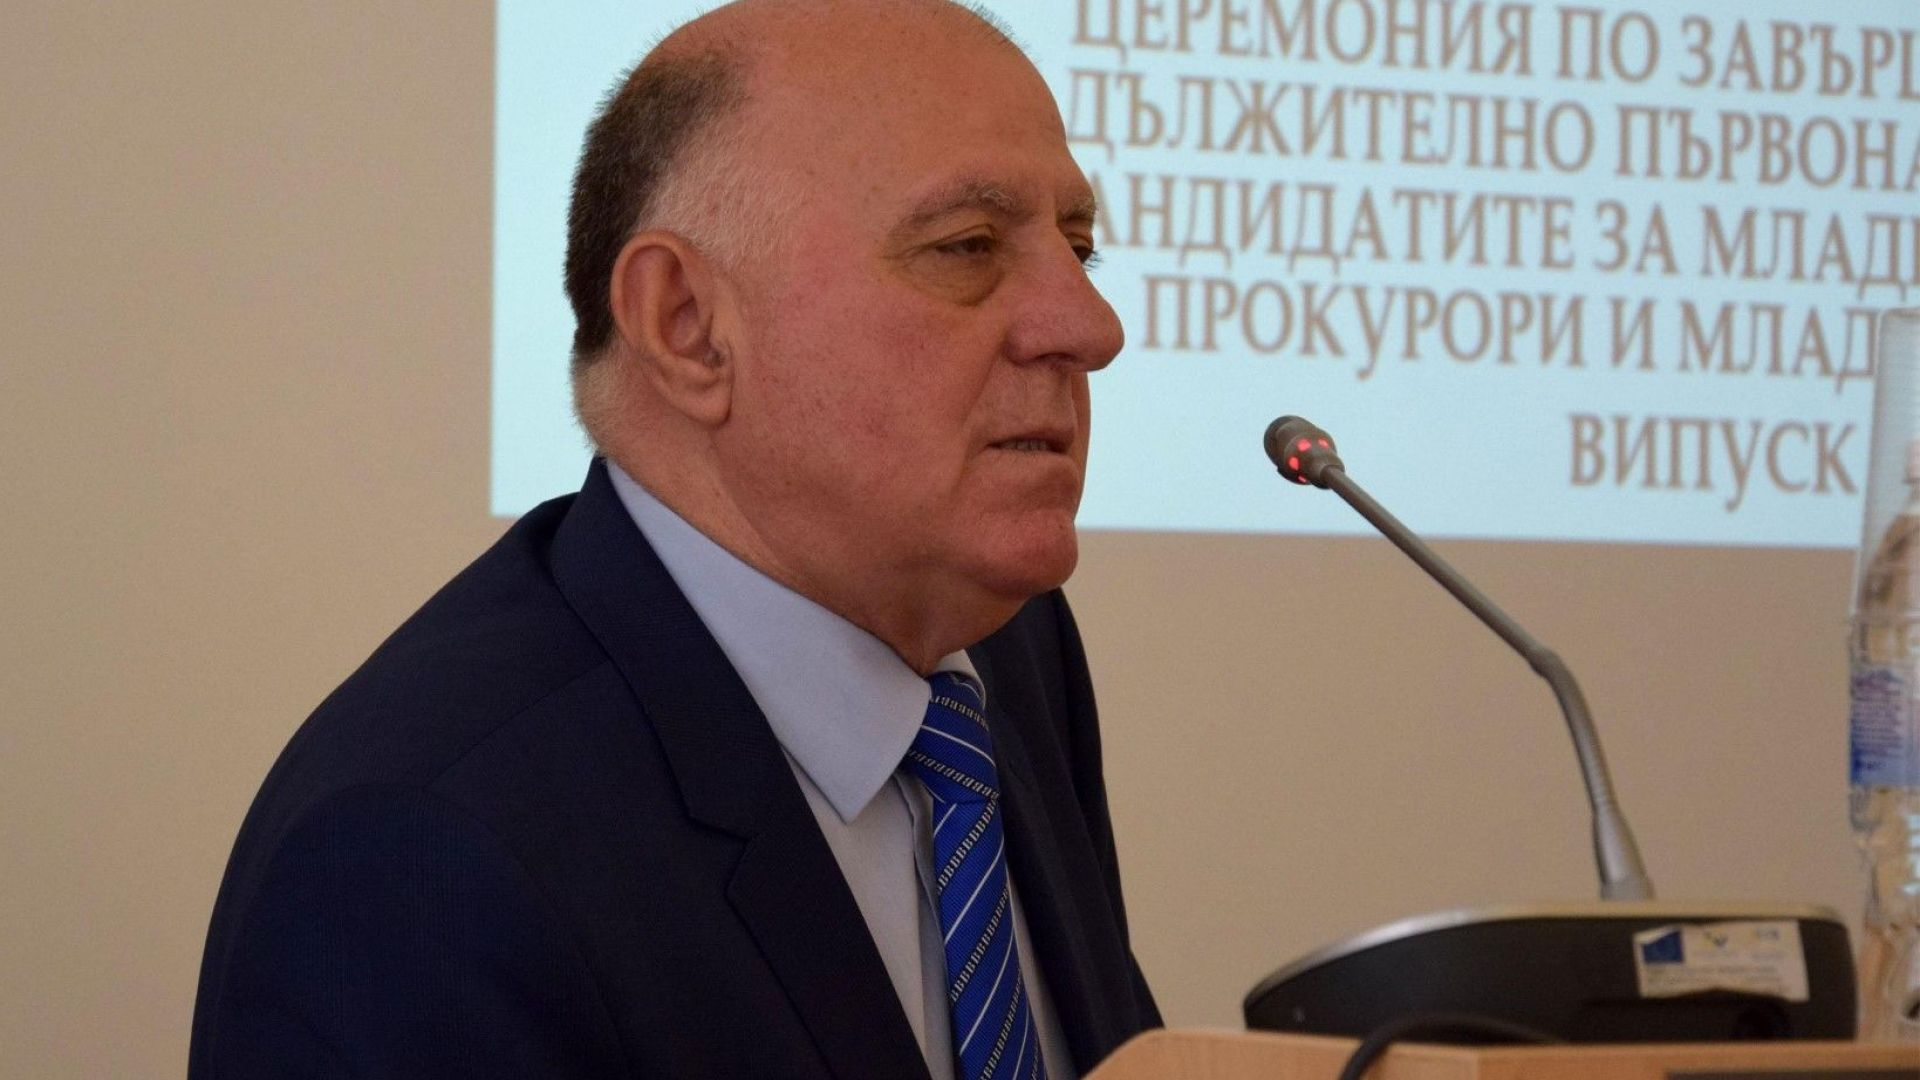 Боян Магдалинчев очаква още опити за нагнетяване на напрежението около избора на главен прокурор